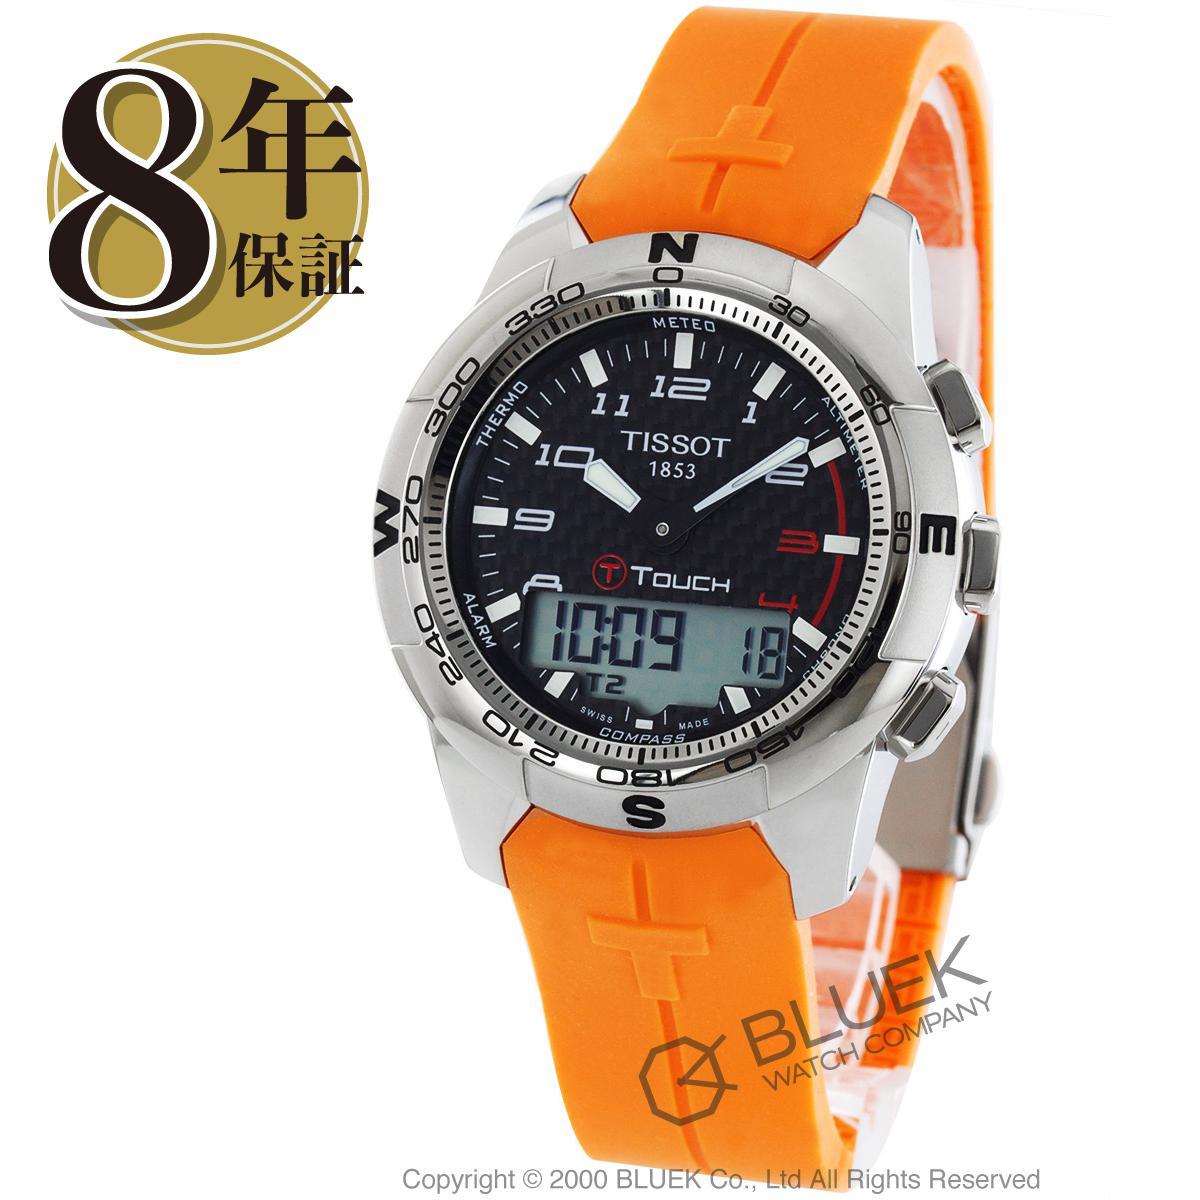 ティソ T-タッチ II チタニウム クロノグラフ 腕時計 メンズ TISSOT T047.420.47.207.01_8